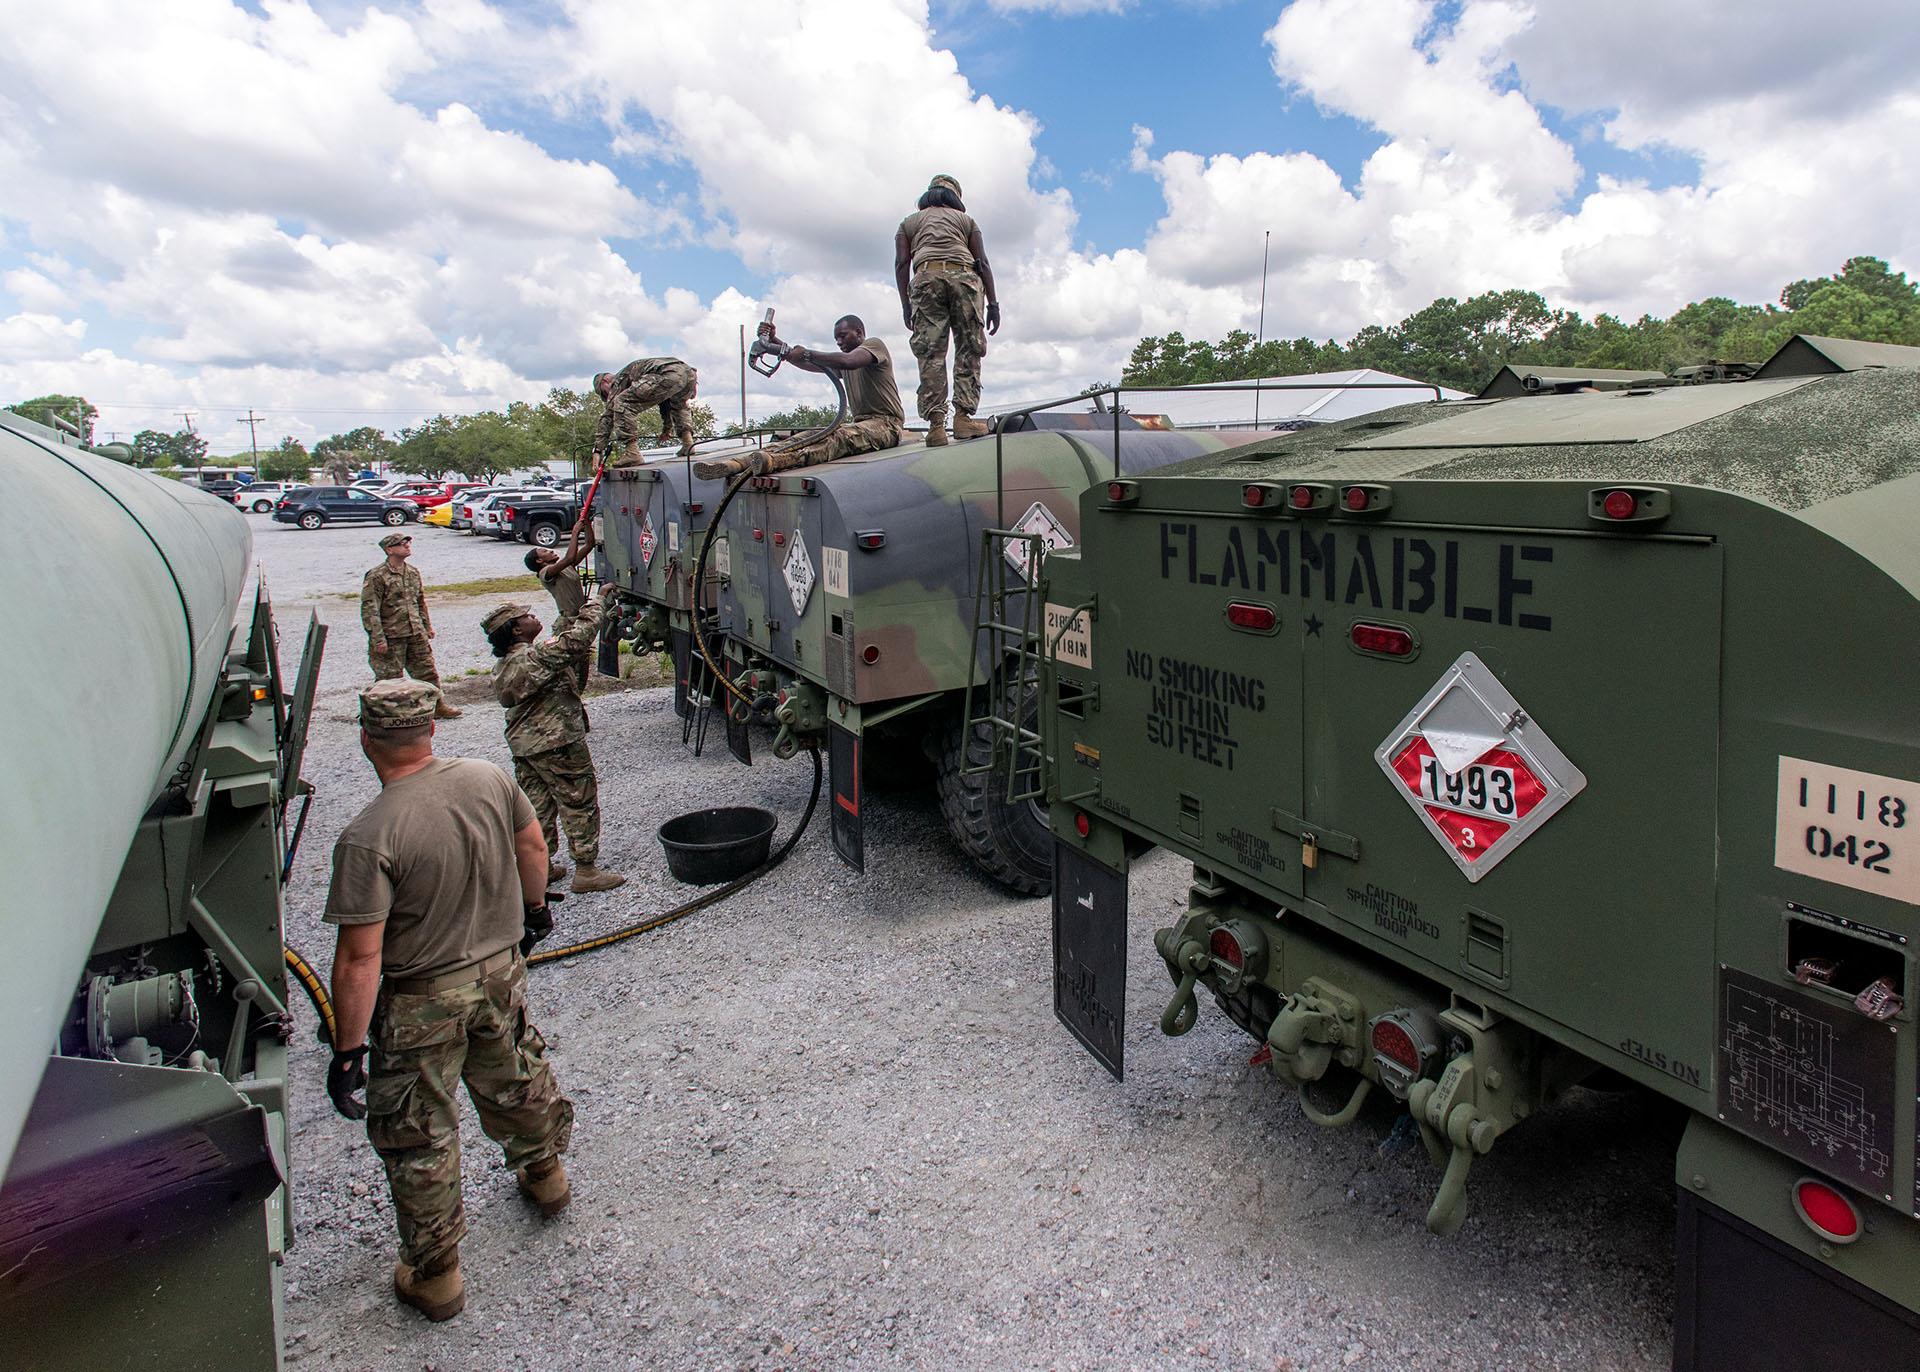 Los soldados de la Guardia Nacional de Carolina del Sur transfieren combustible diesel a granel a los camiones cisterna de combustible para su distribución antes del huracán Florence, en North Charleston, Carolina del Sur (Sargento del Ejército de EEUU Brian Calhoun / Folleto a través de REUTERS)